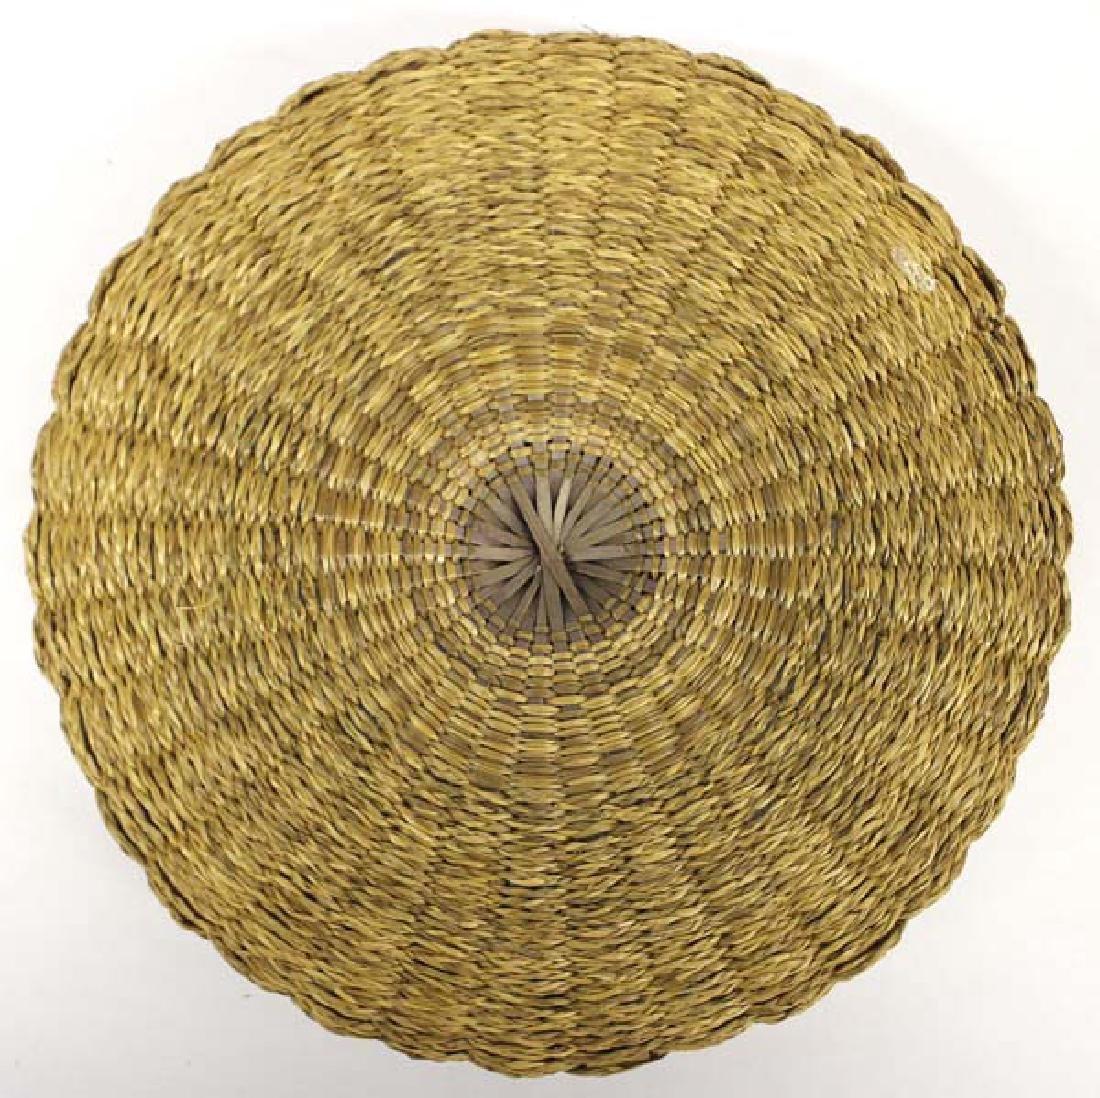 Vintage Penobscot Sweet Grass Sewing Basket - 5